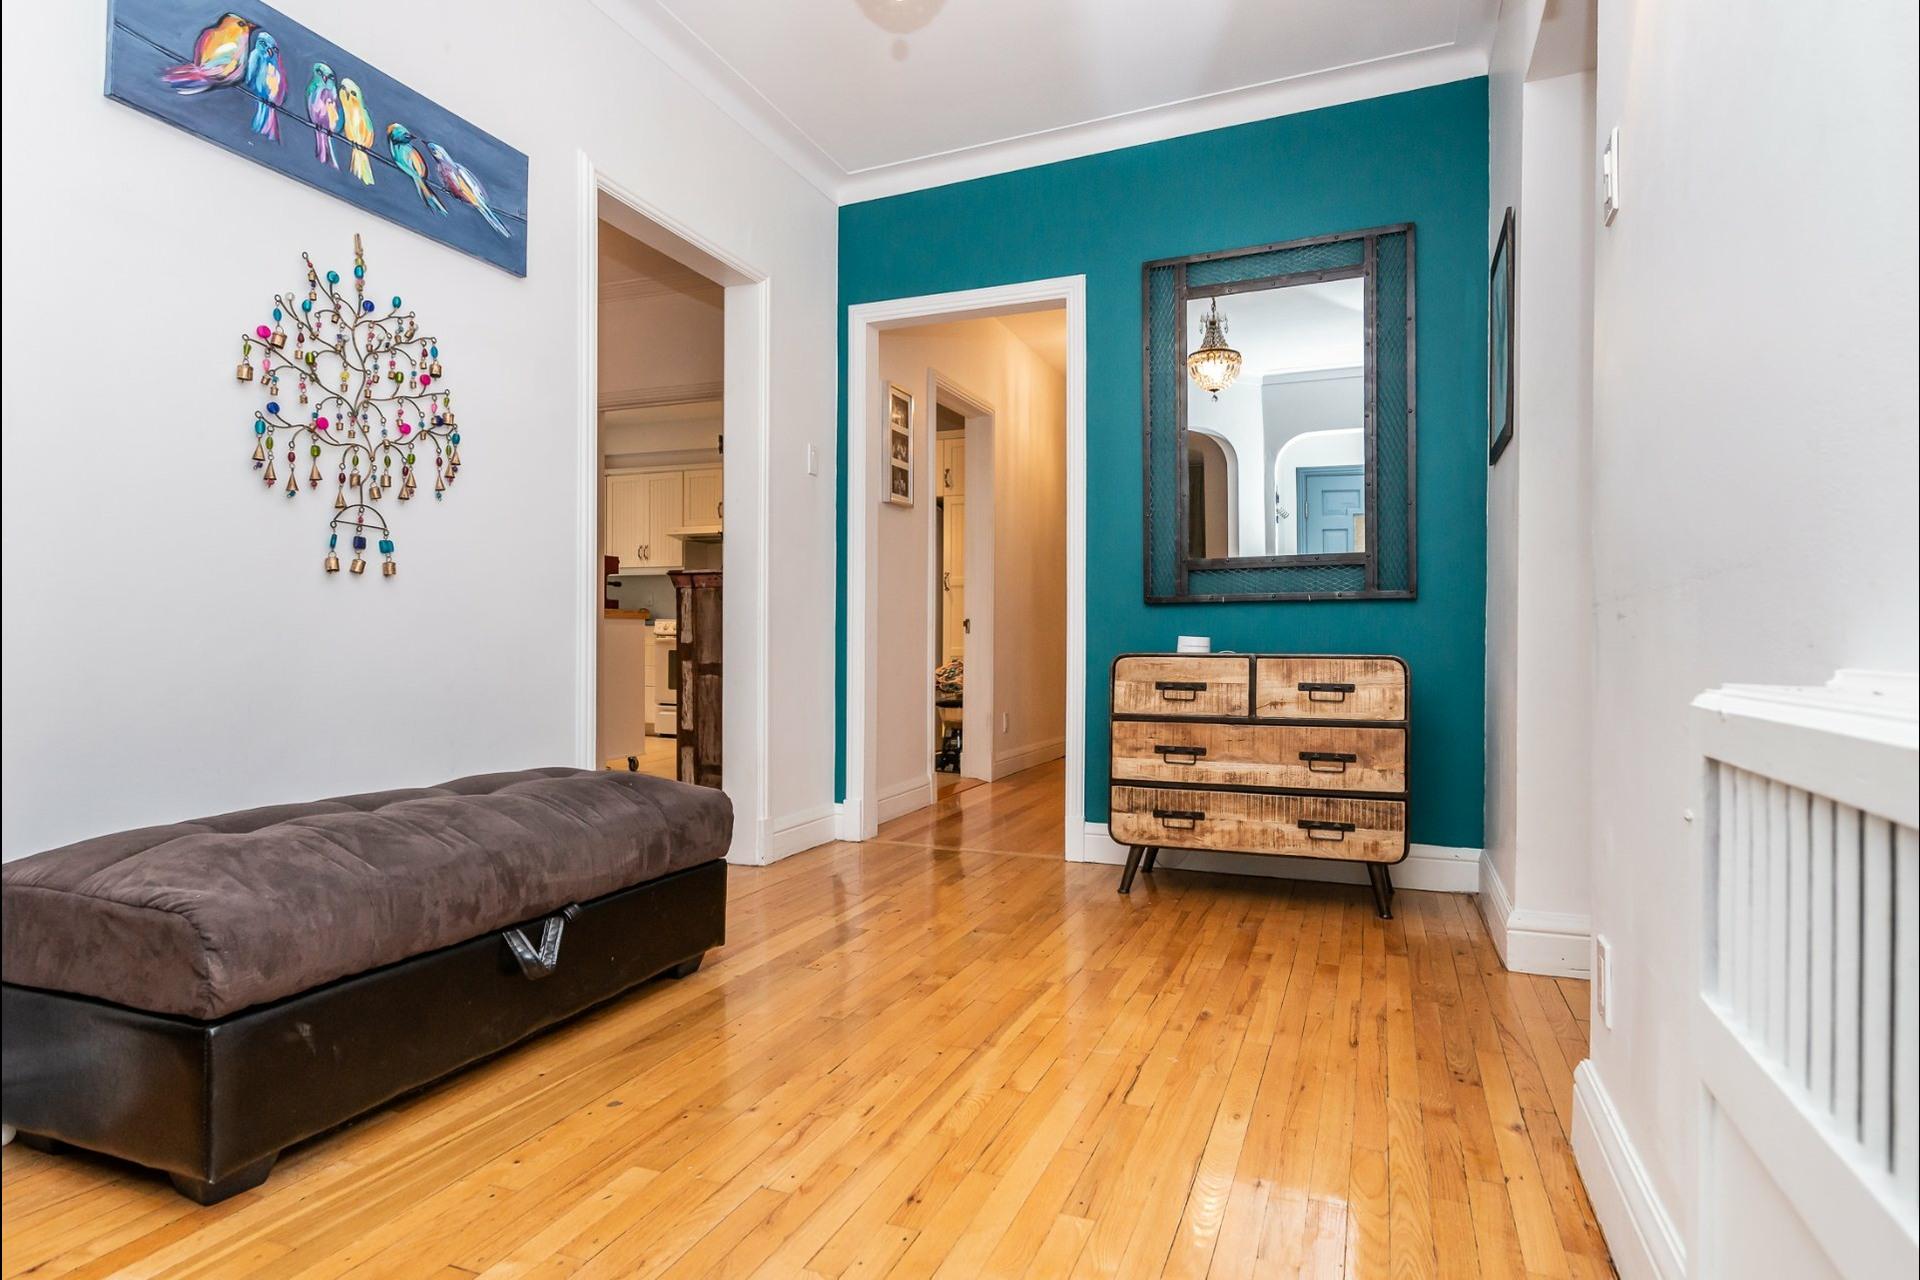 image 3 - Appartement À louer Montréal Côte-des-Neiges/Notre-Dame-de-Grâce  - 7 pièces